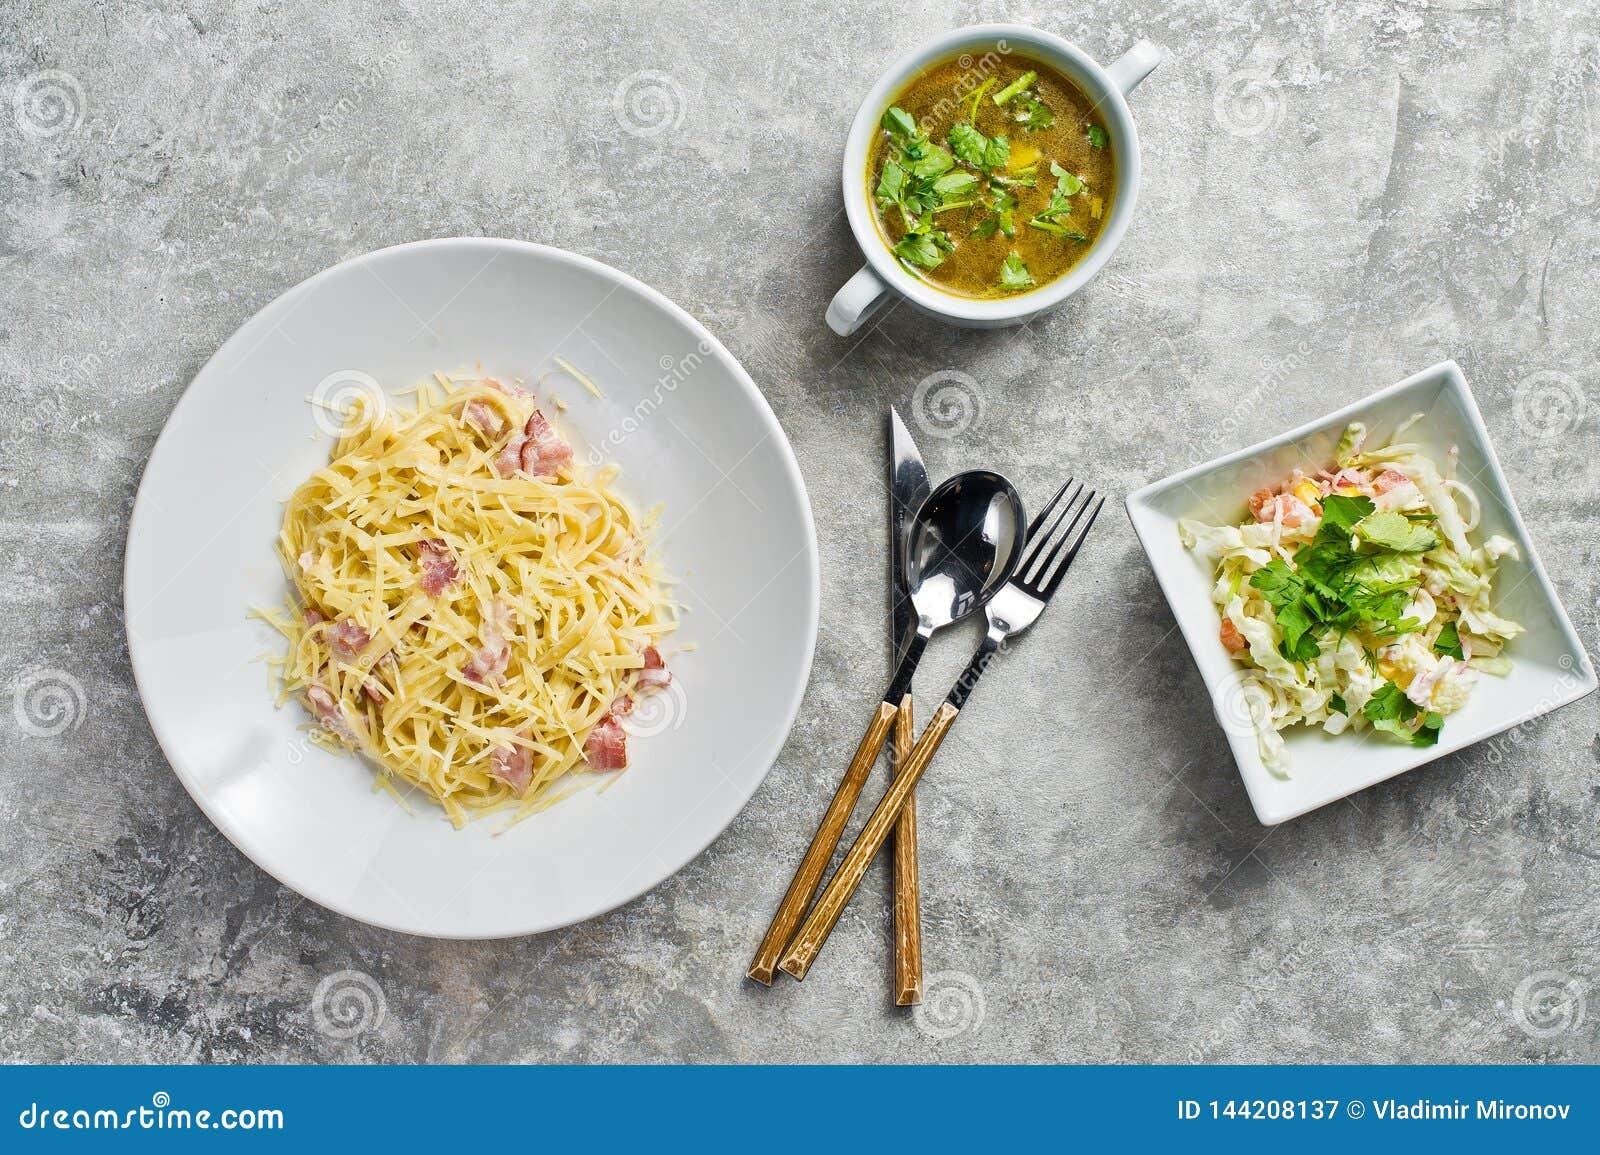 3 блюда в ресторане, макаронных изделиях Carbonara, зеленом салате и курином супе